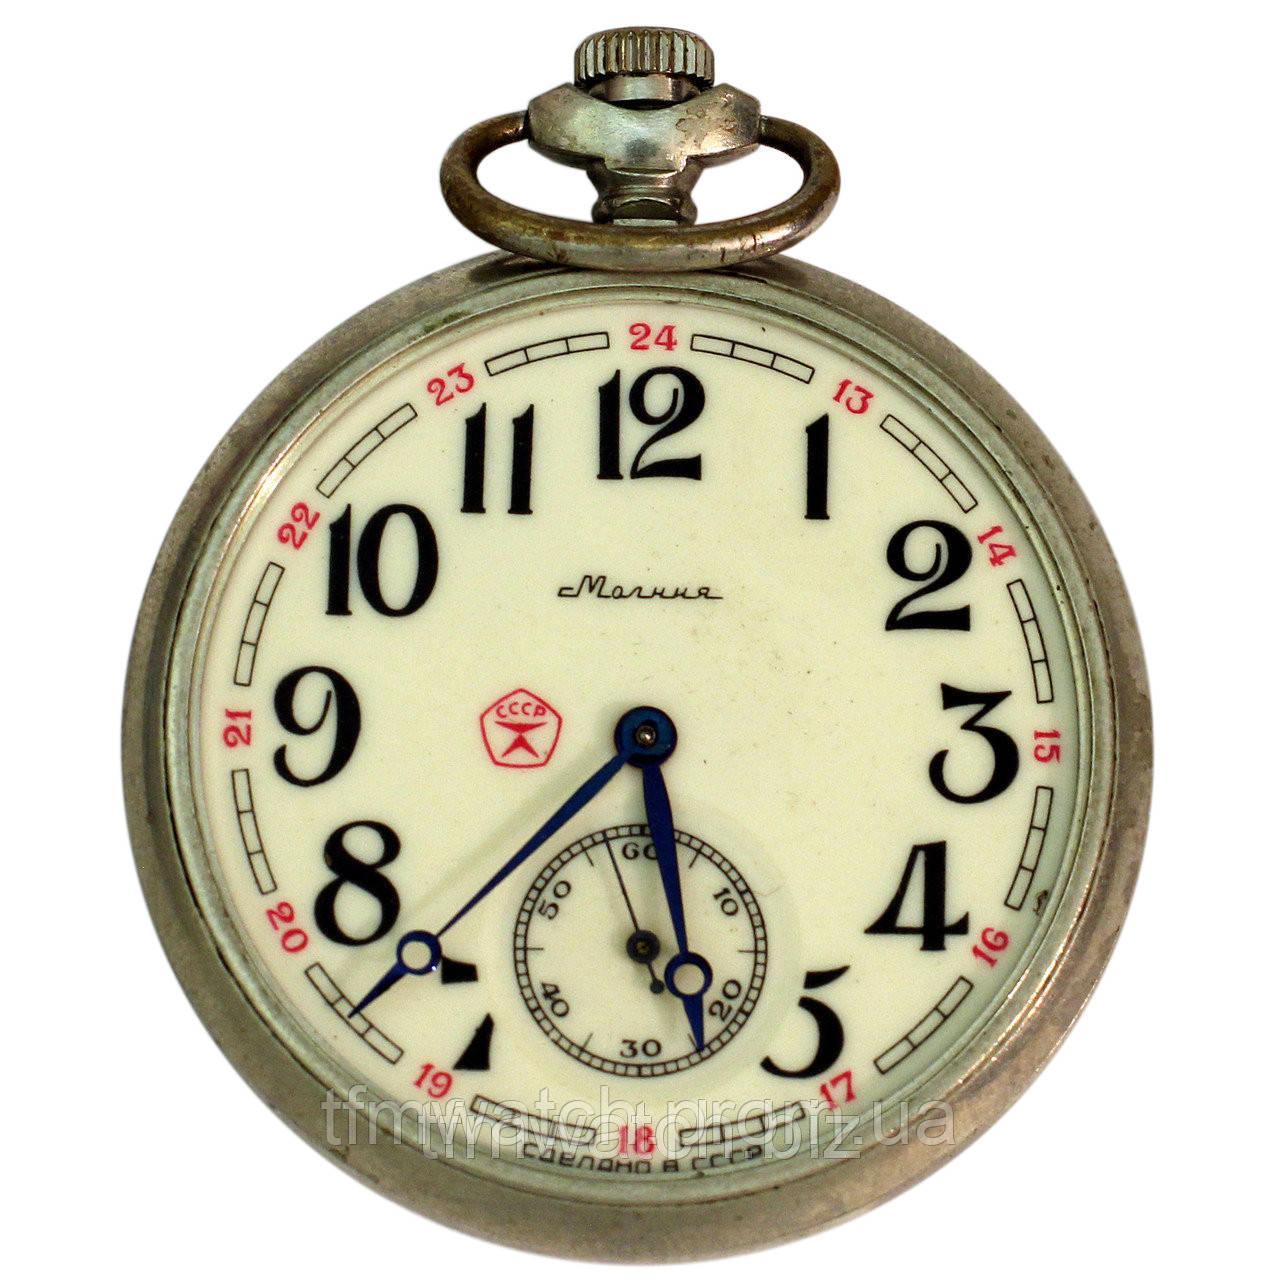 В документов москве без часы продать первой преподавателя с стоимость категорией часа колледжа